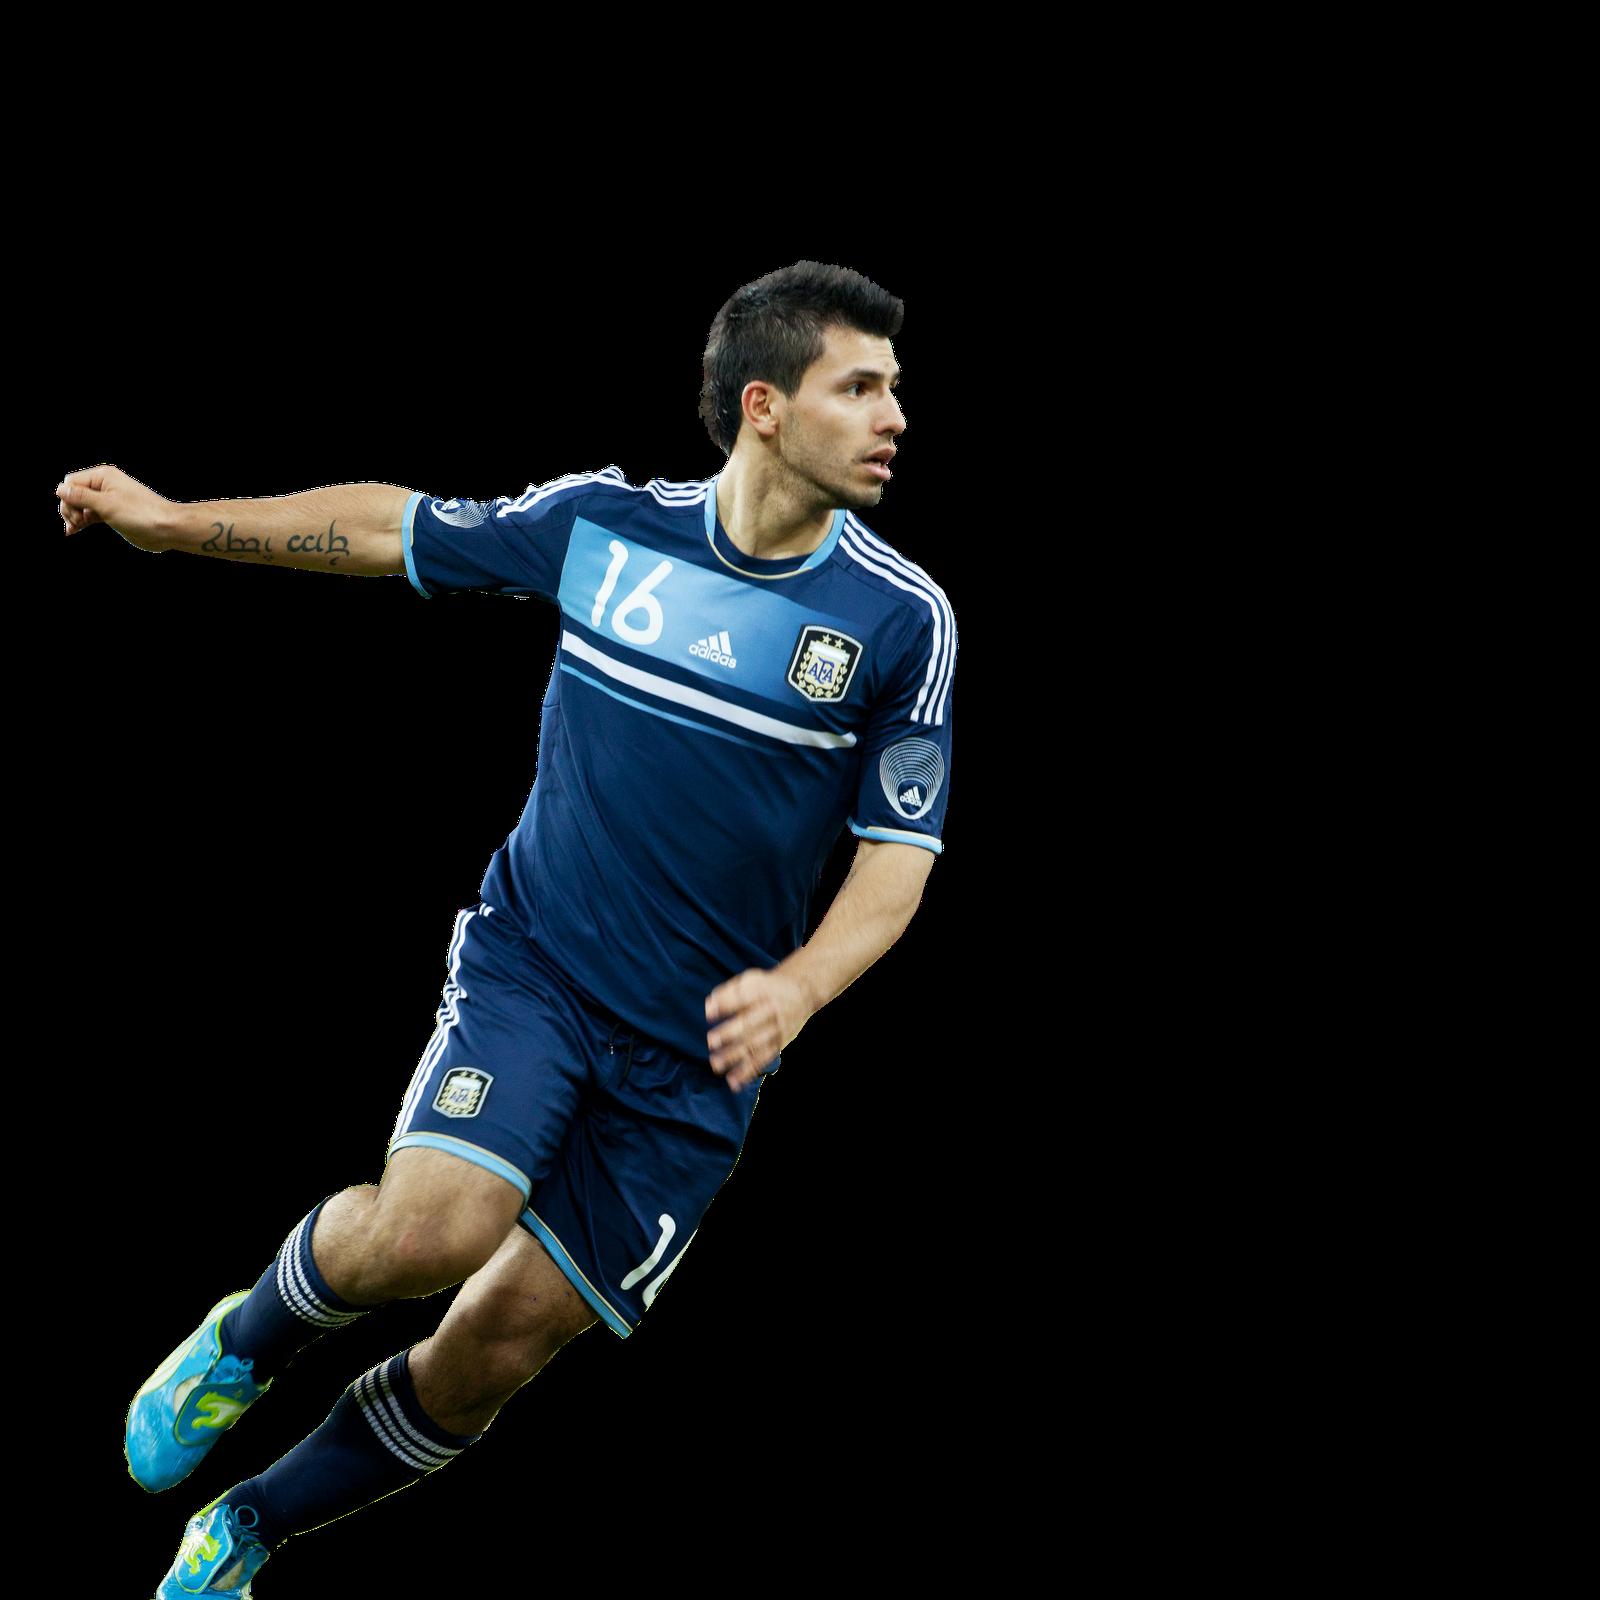 Imagenes De La Seleccion Argentina De Futbol - Selección Argentina de Fútbol RTVE